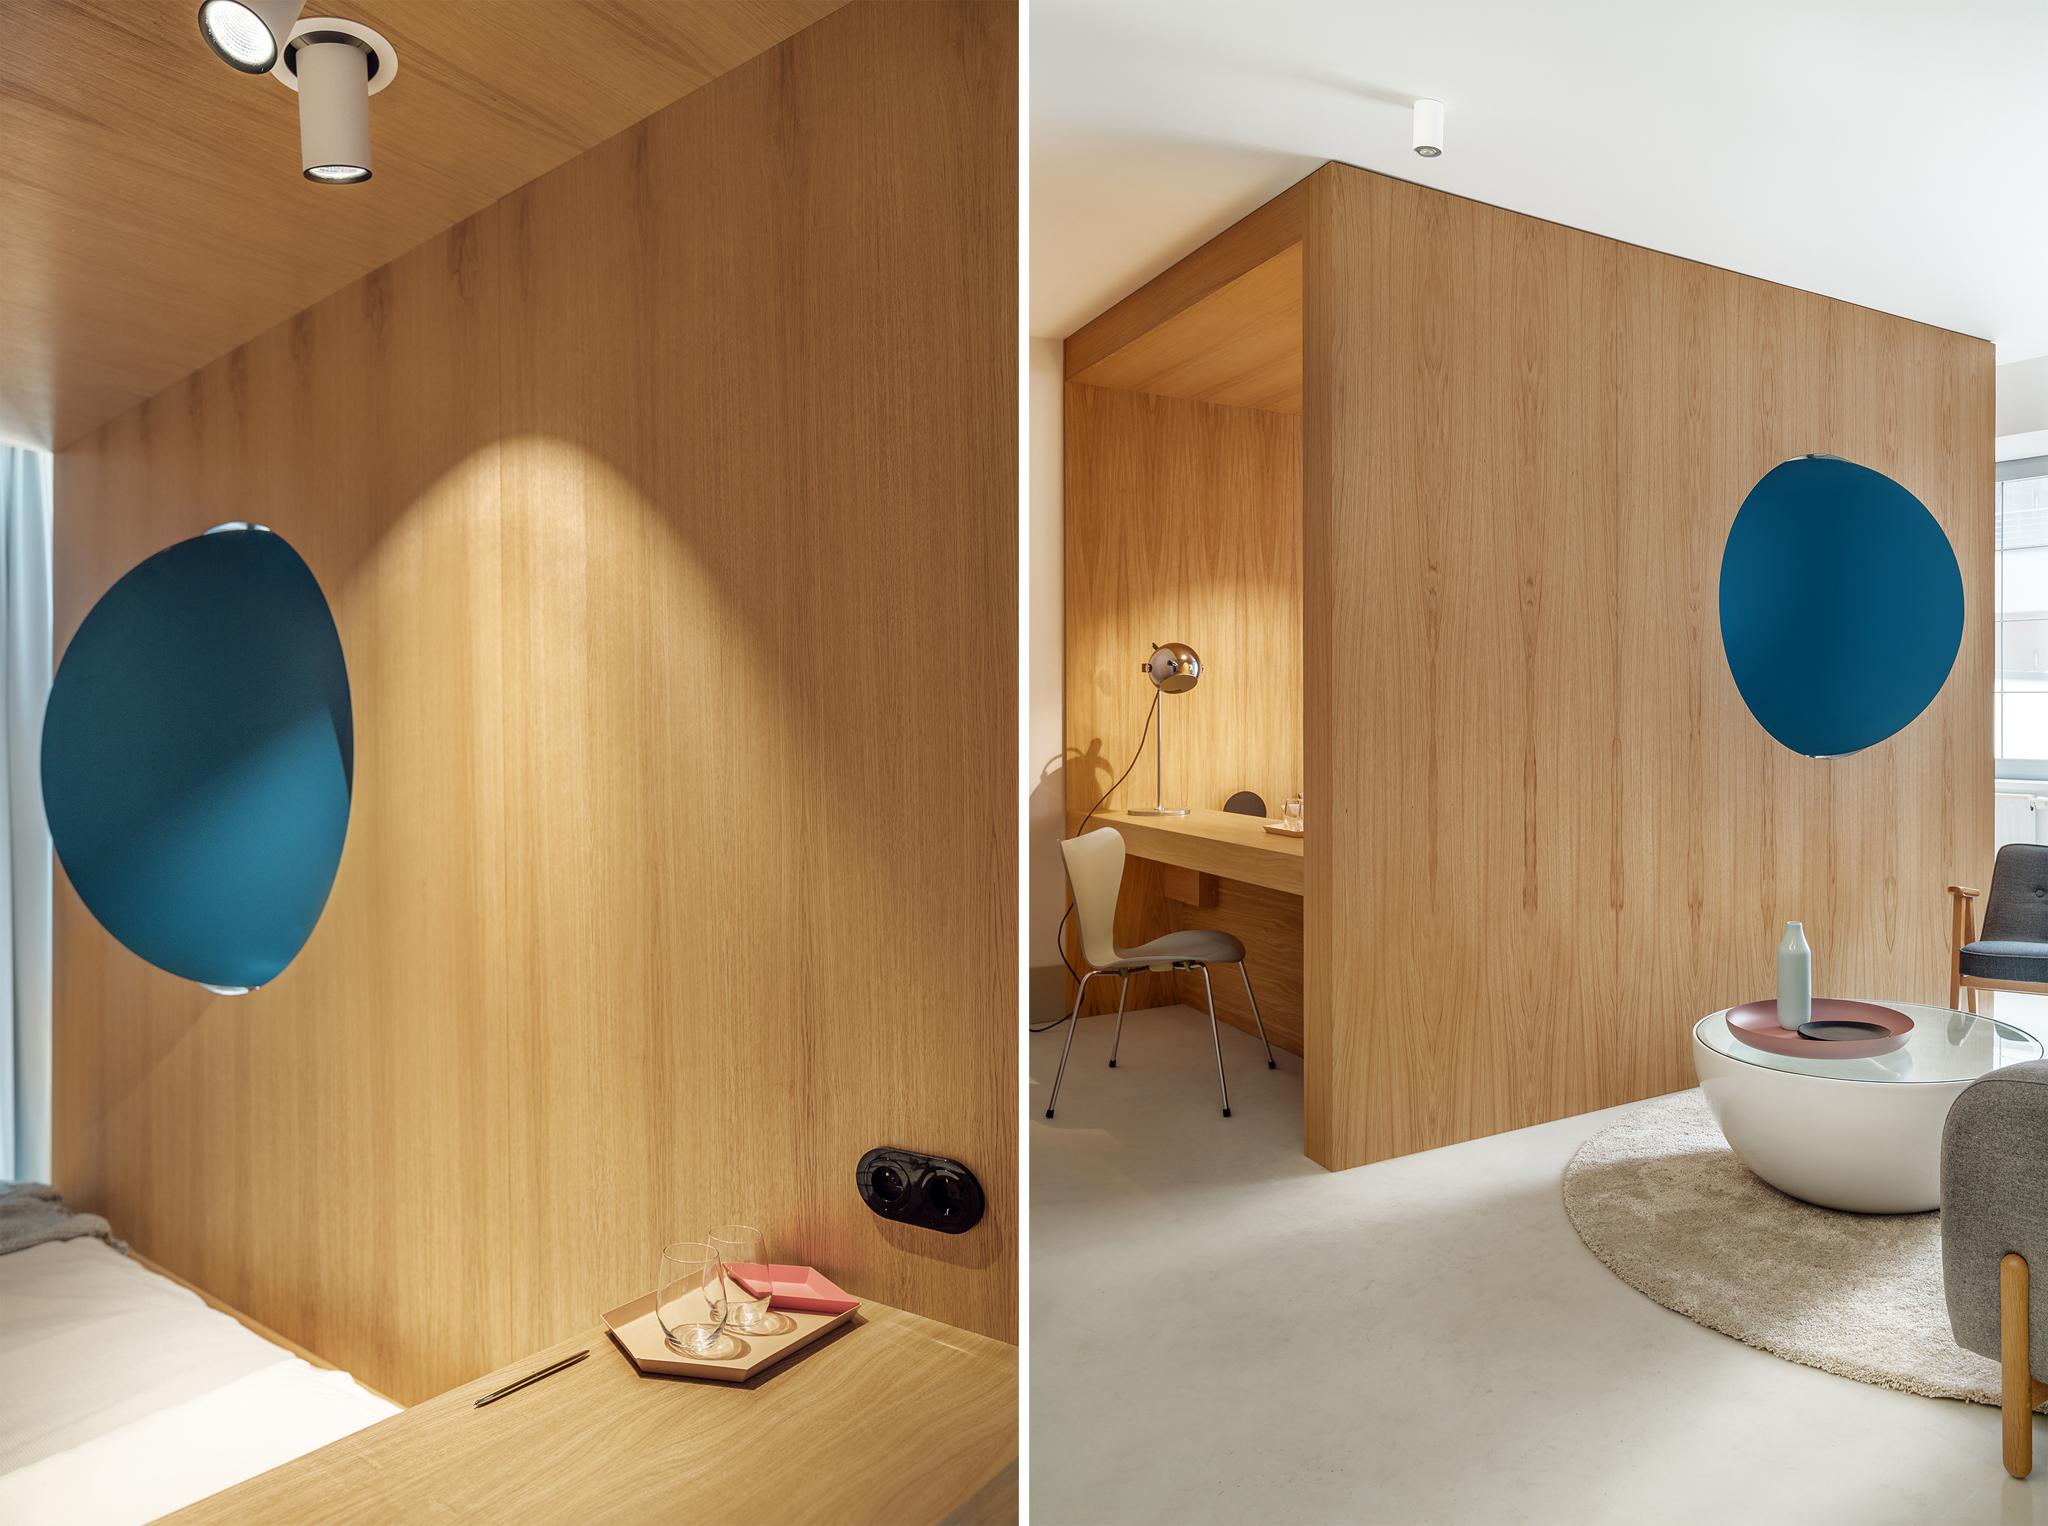 Małe przestrzenie: mikromieszkanie z drewnianym kubikiem w Gdańsku